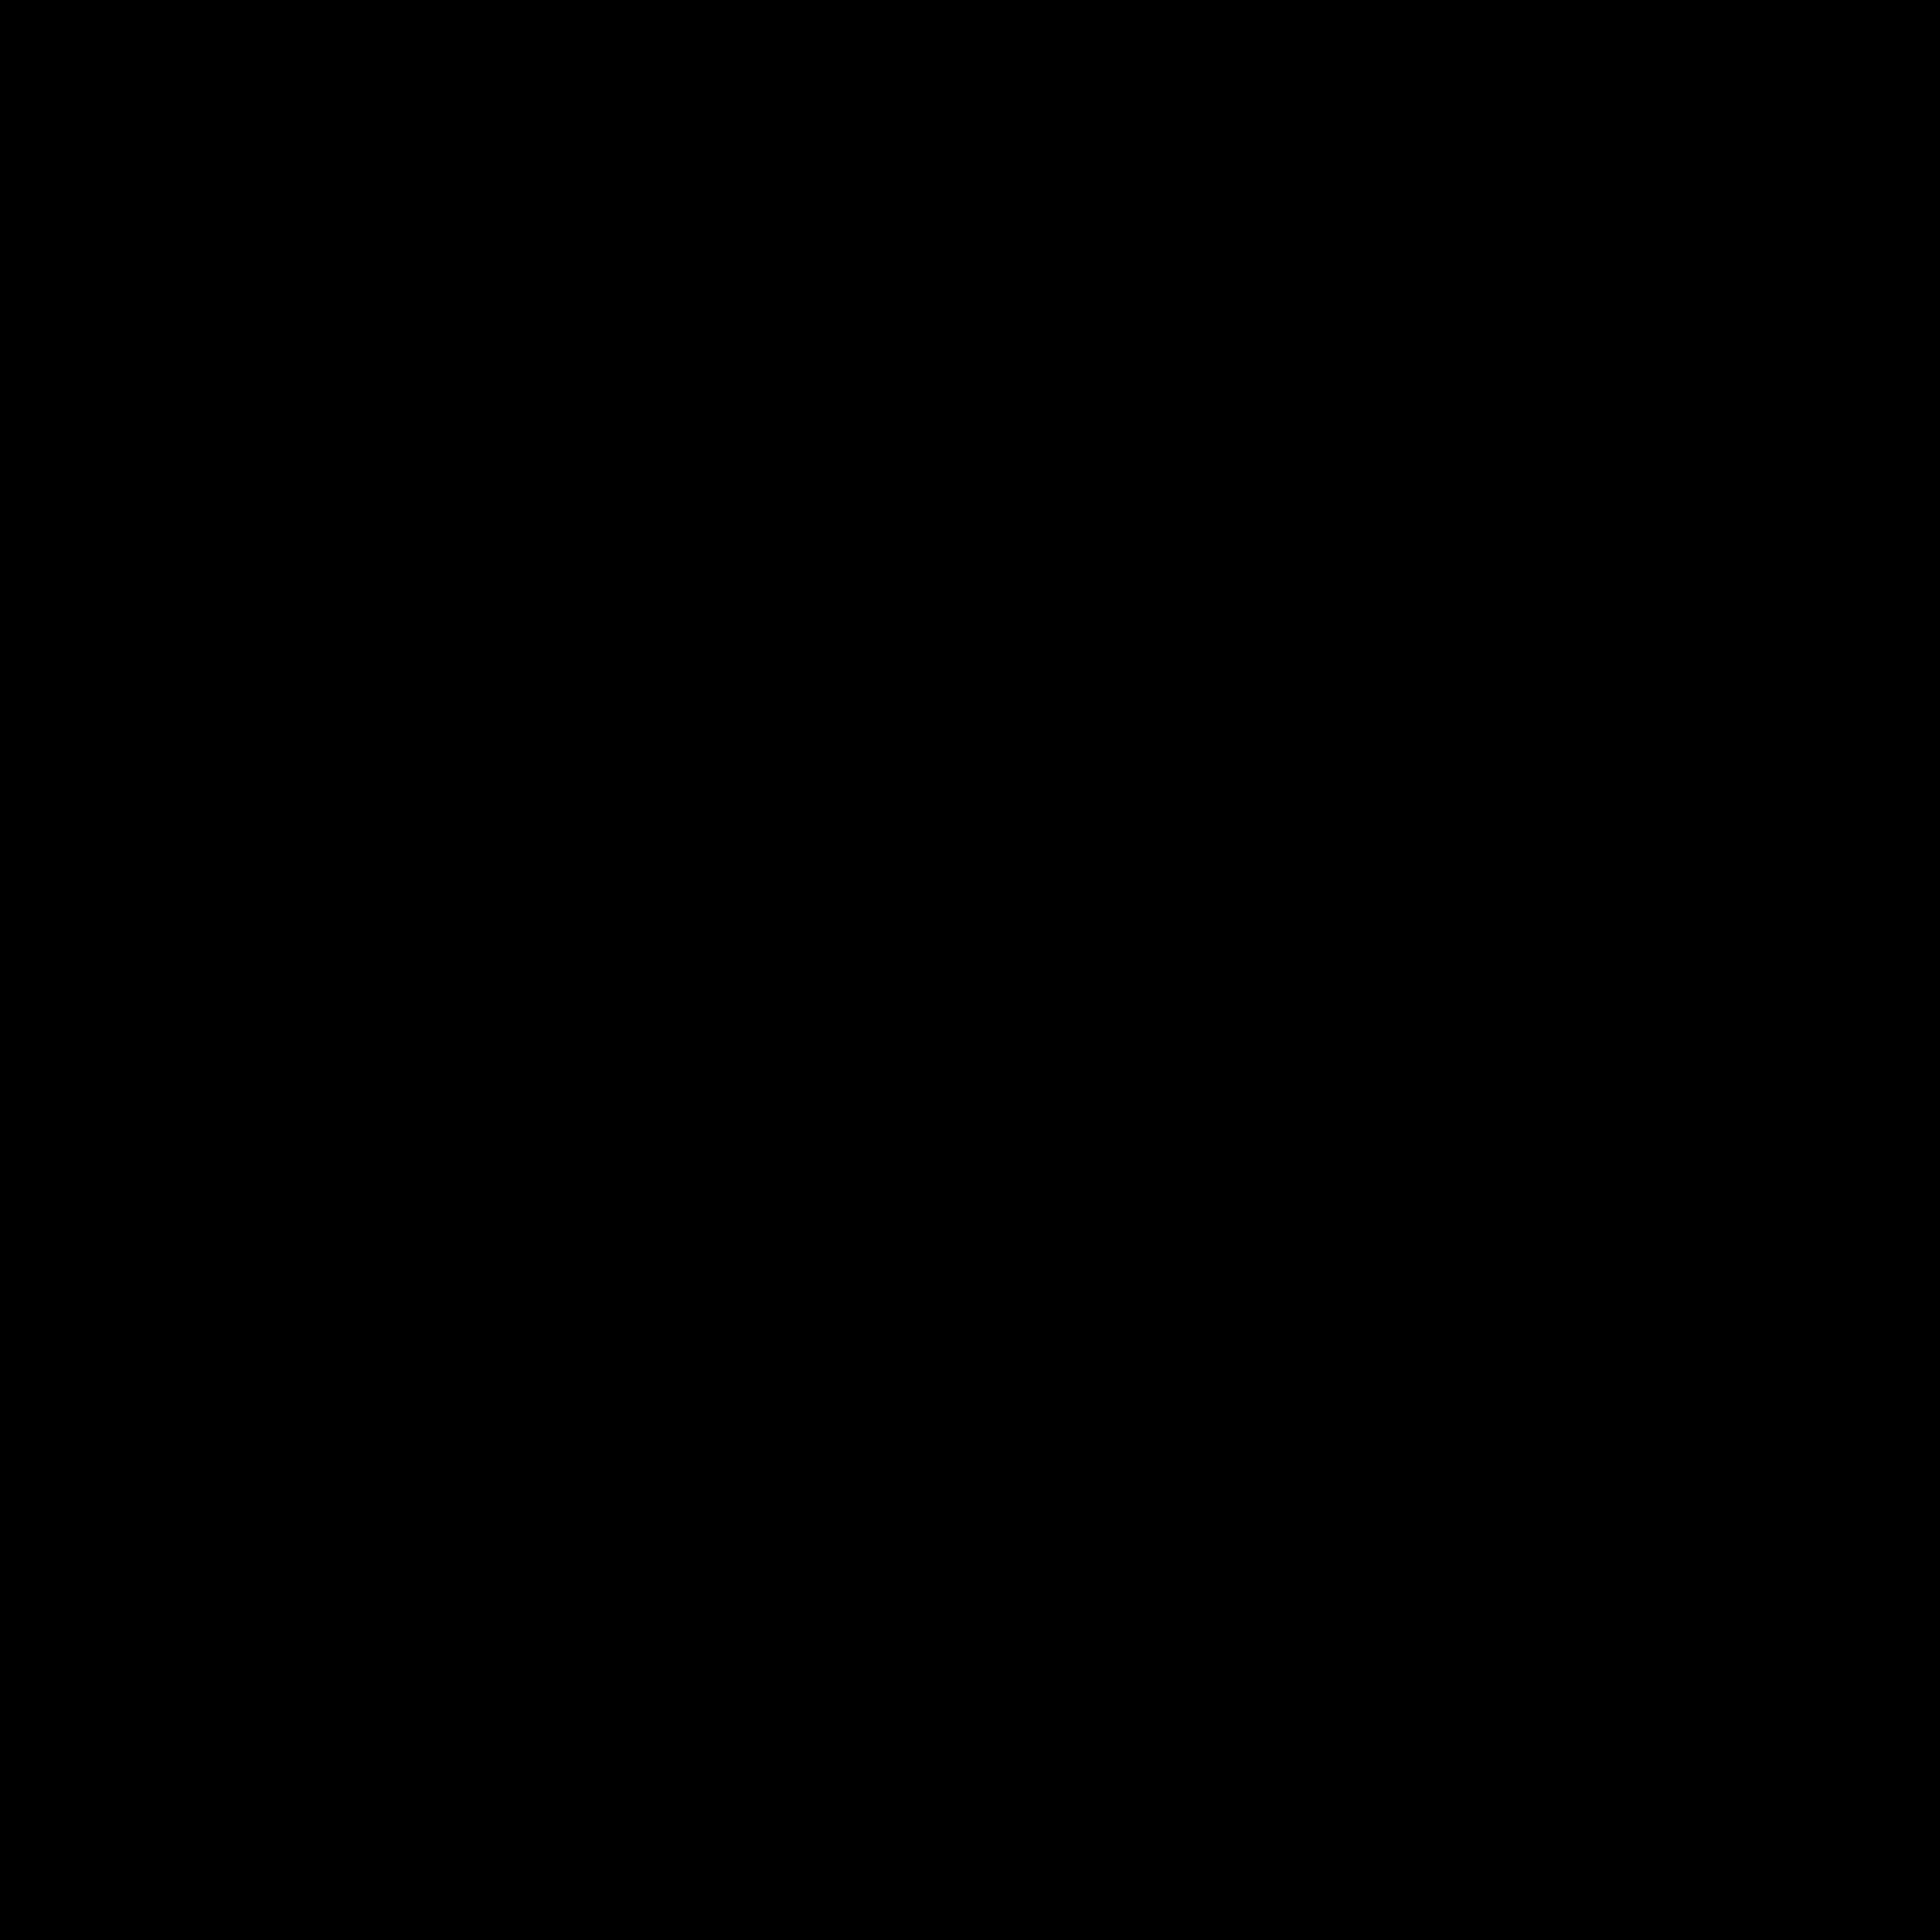 Symbol für die Preissteuerung